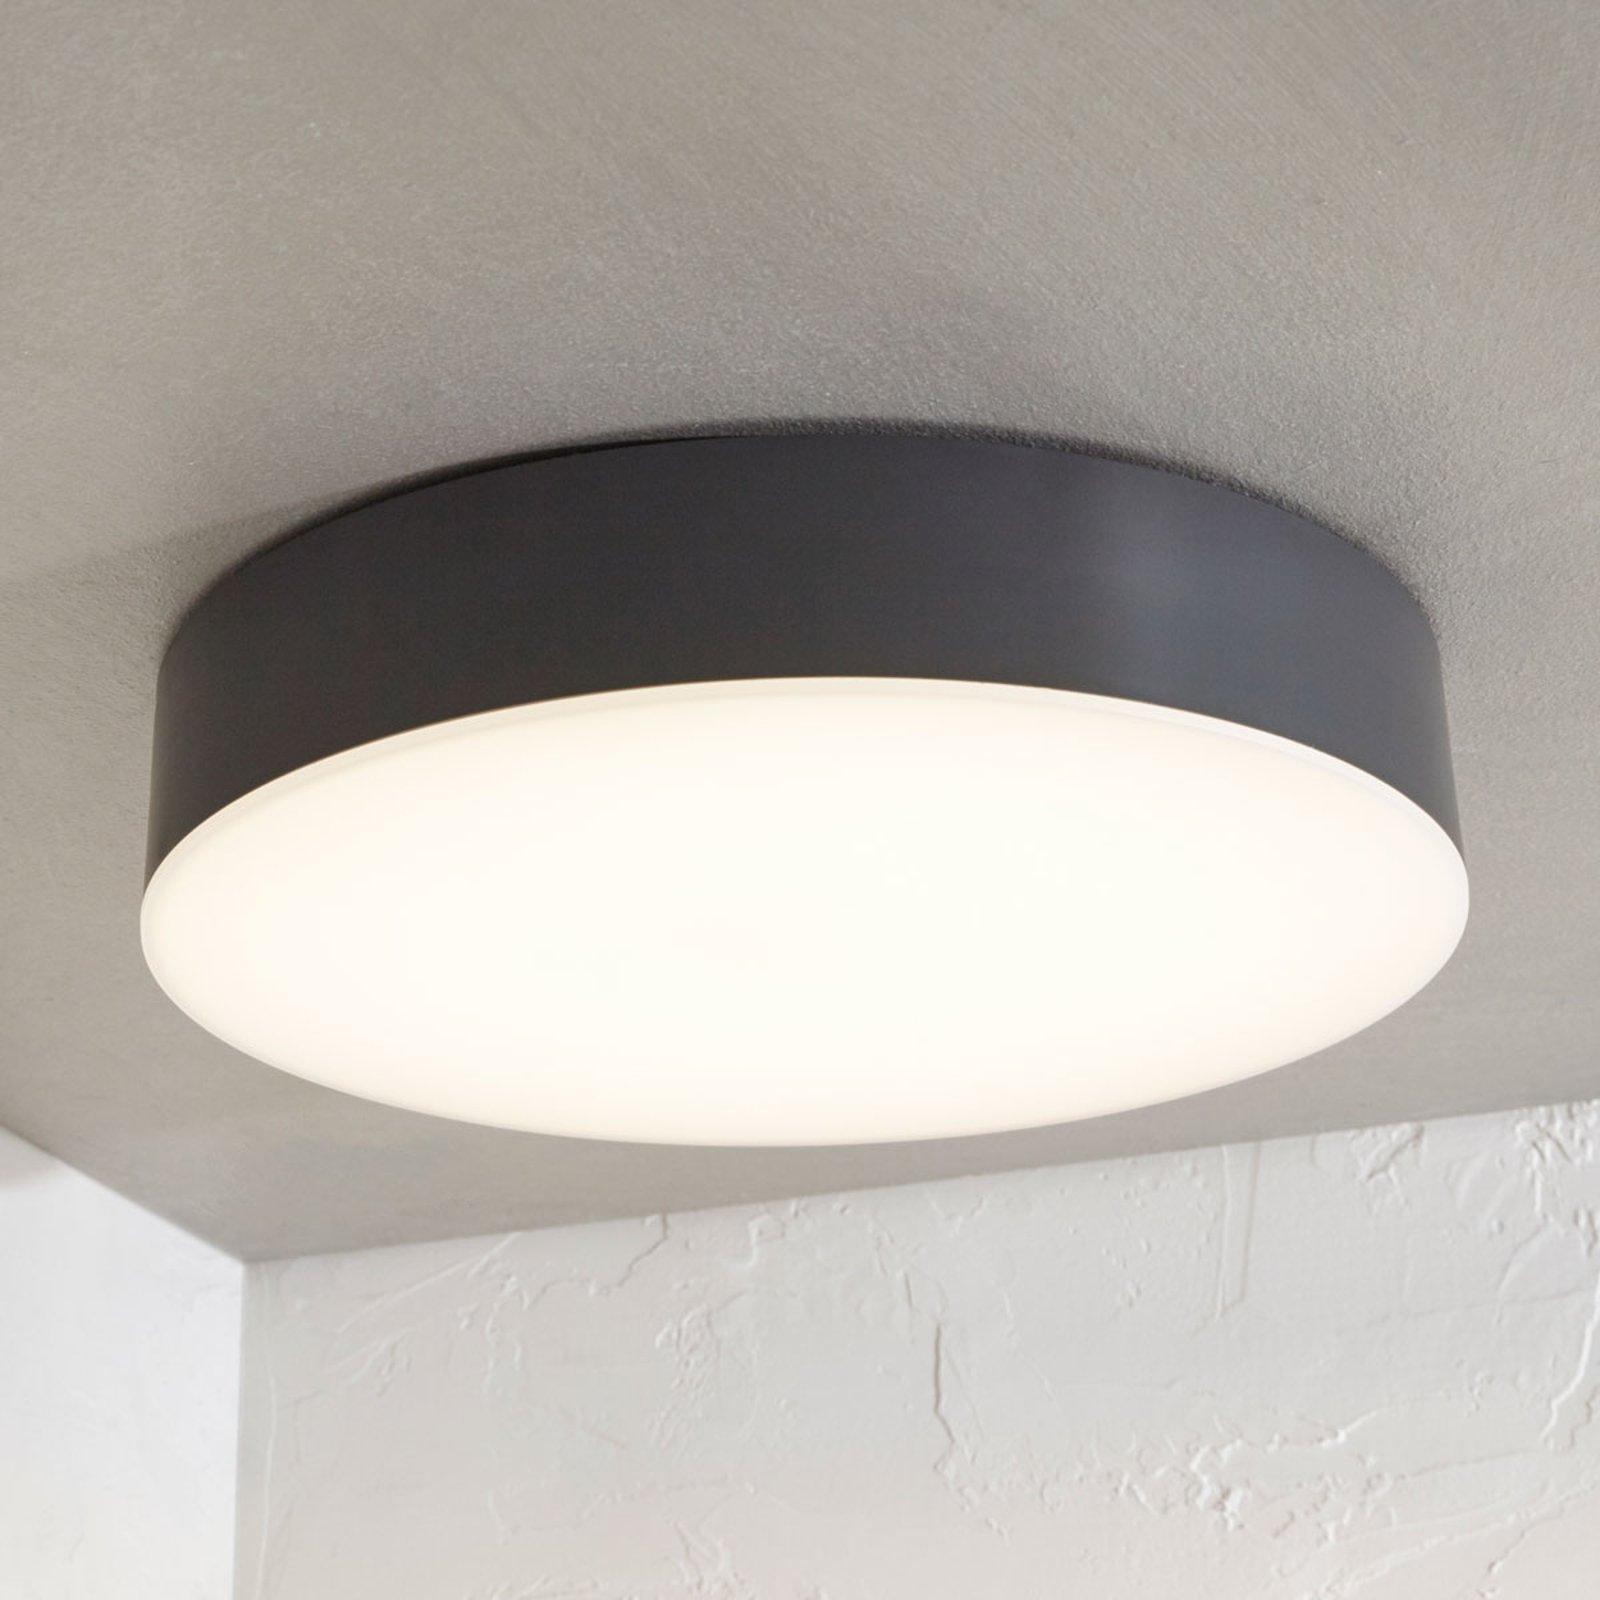 Utendørs LED-taklampe Lyam, IP65 mørkegrå